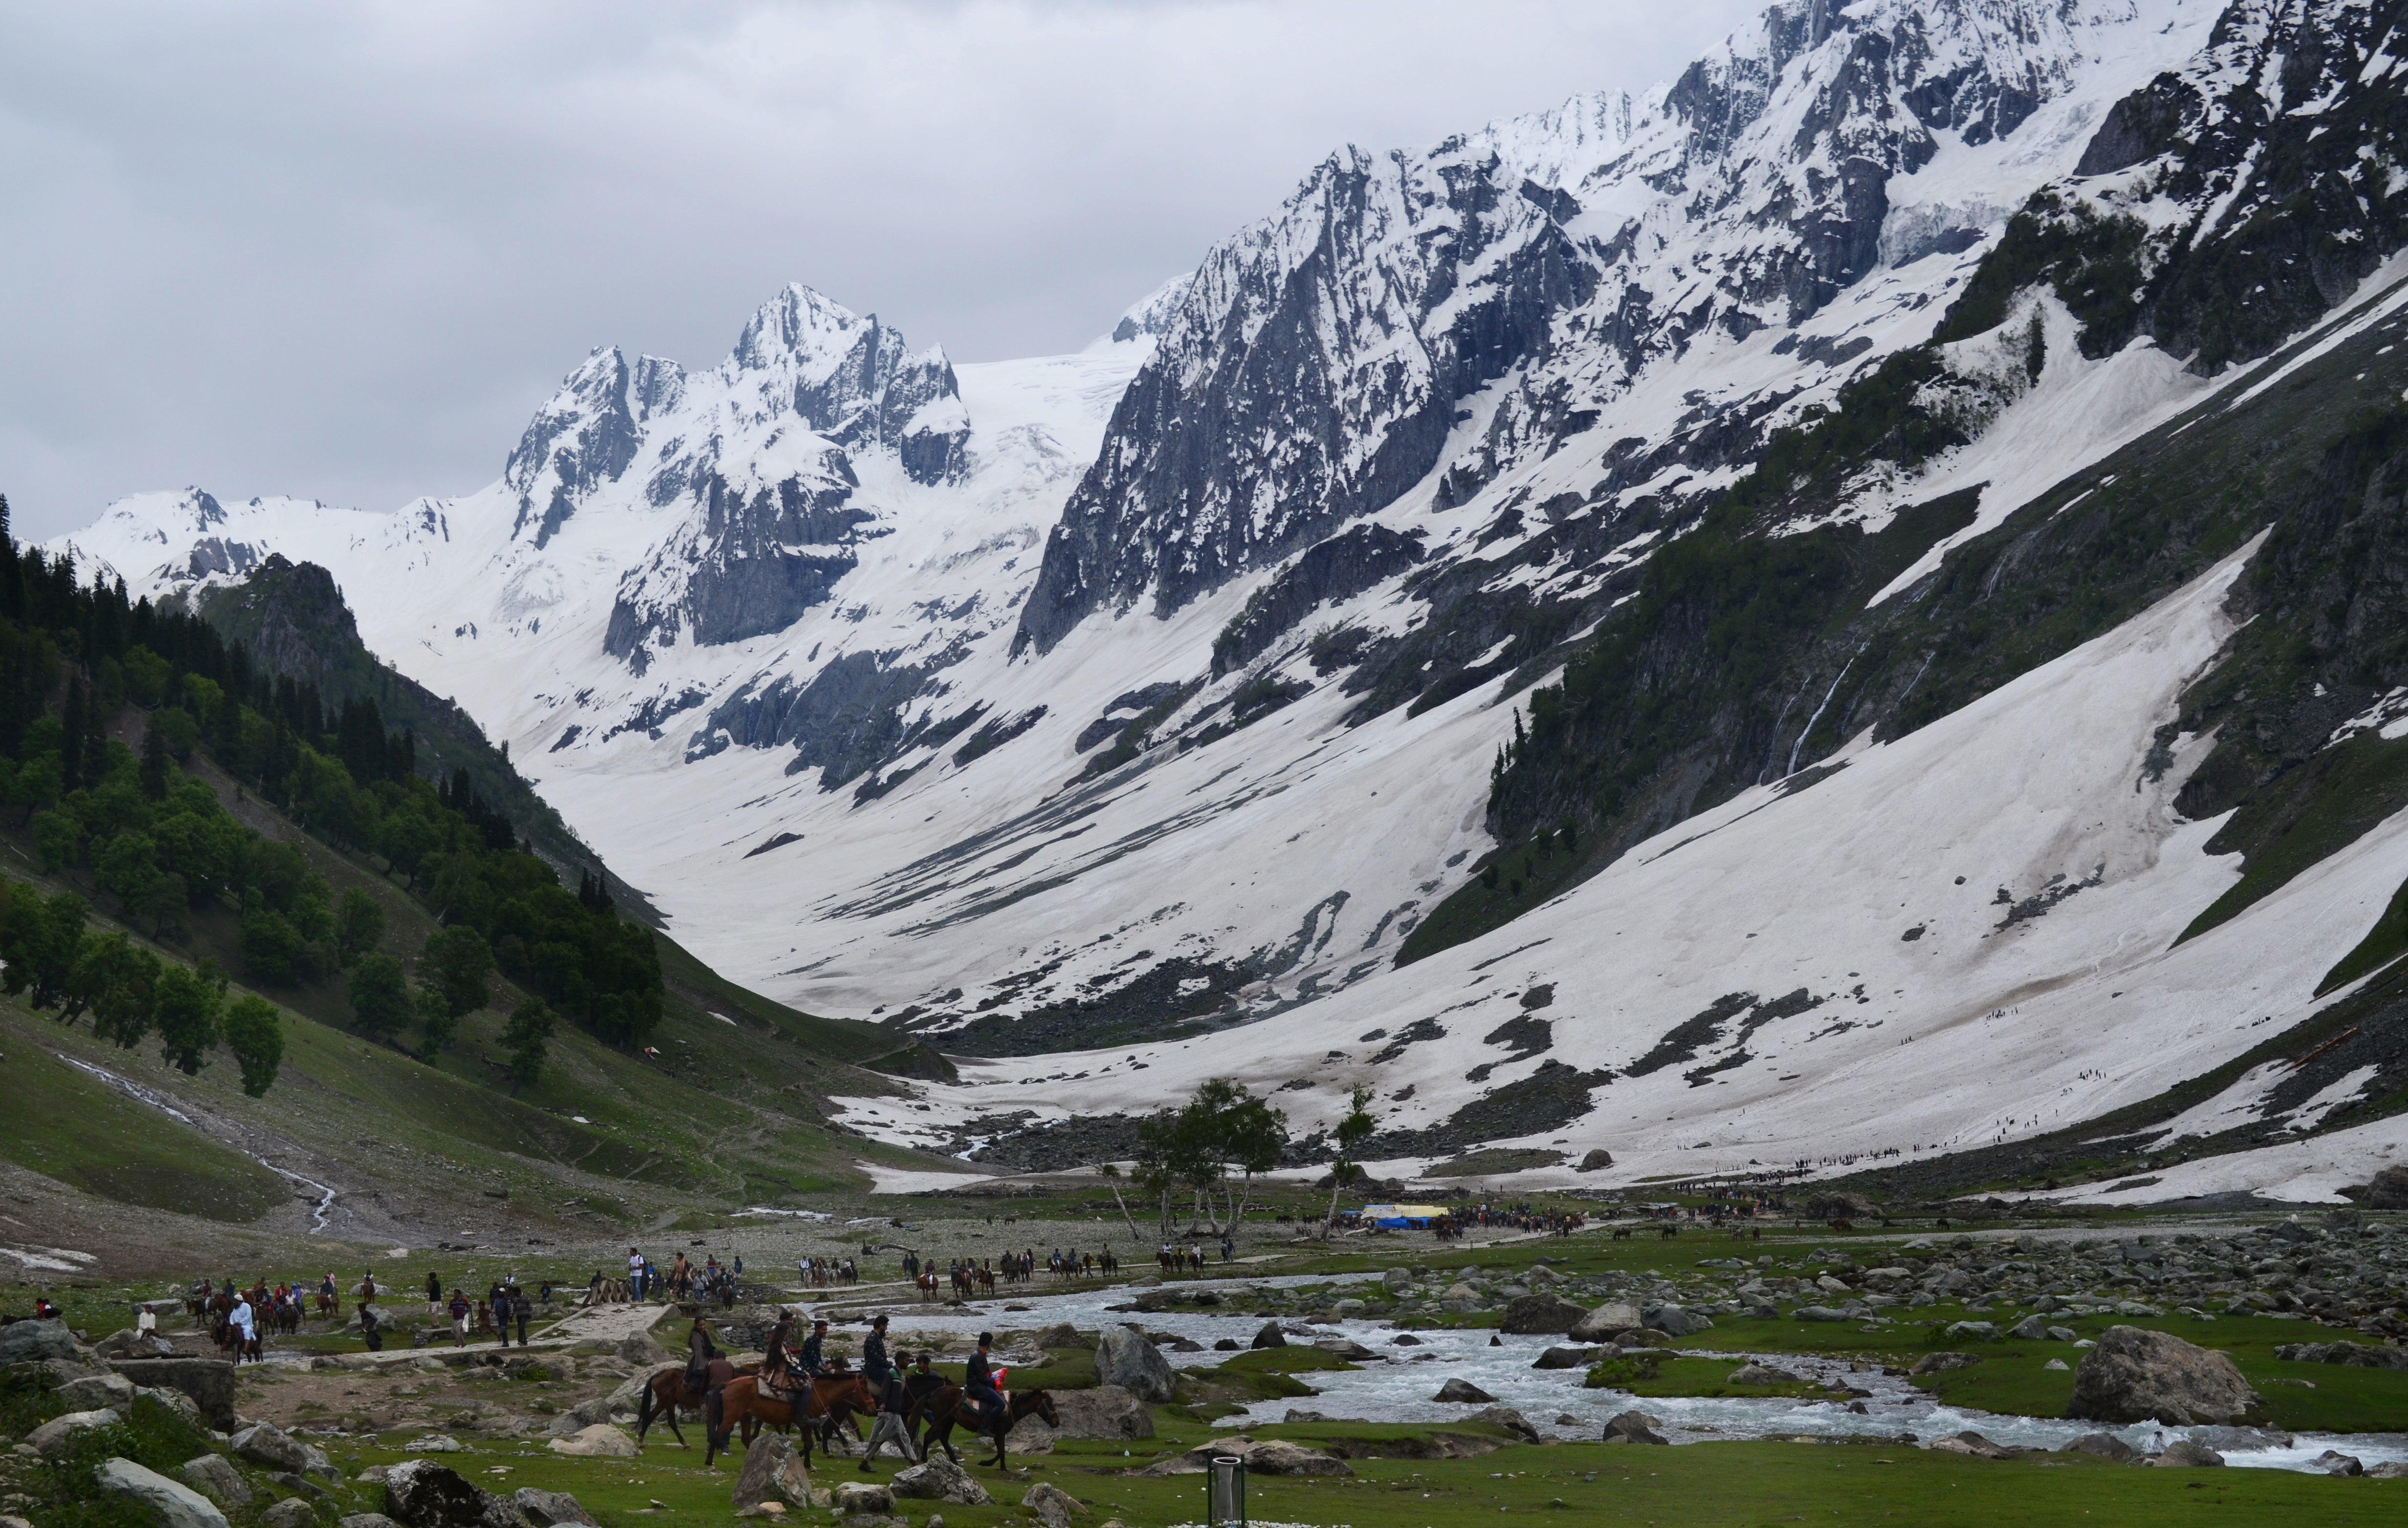 Annyira melegszik a légkör, hogy már a Himalája is zöldbe borul